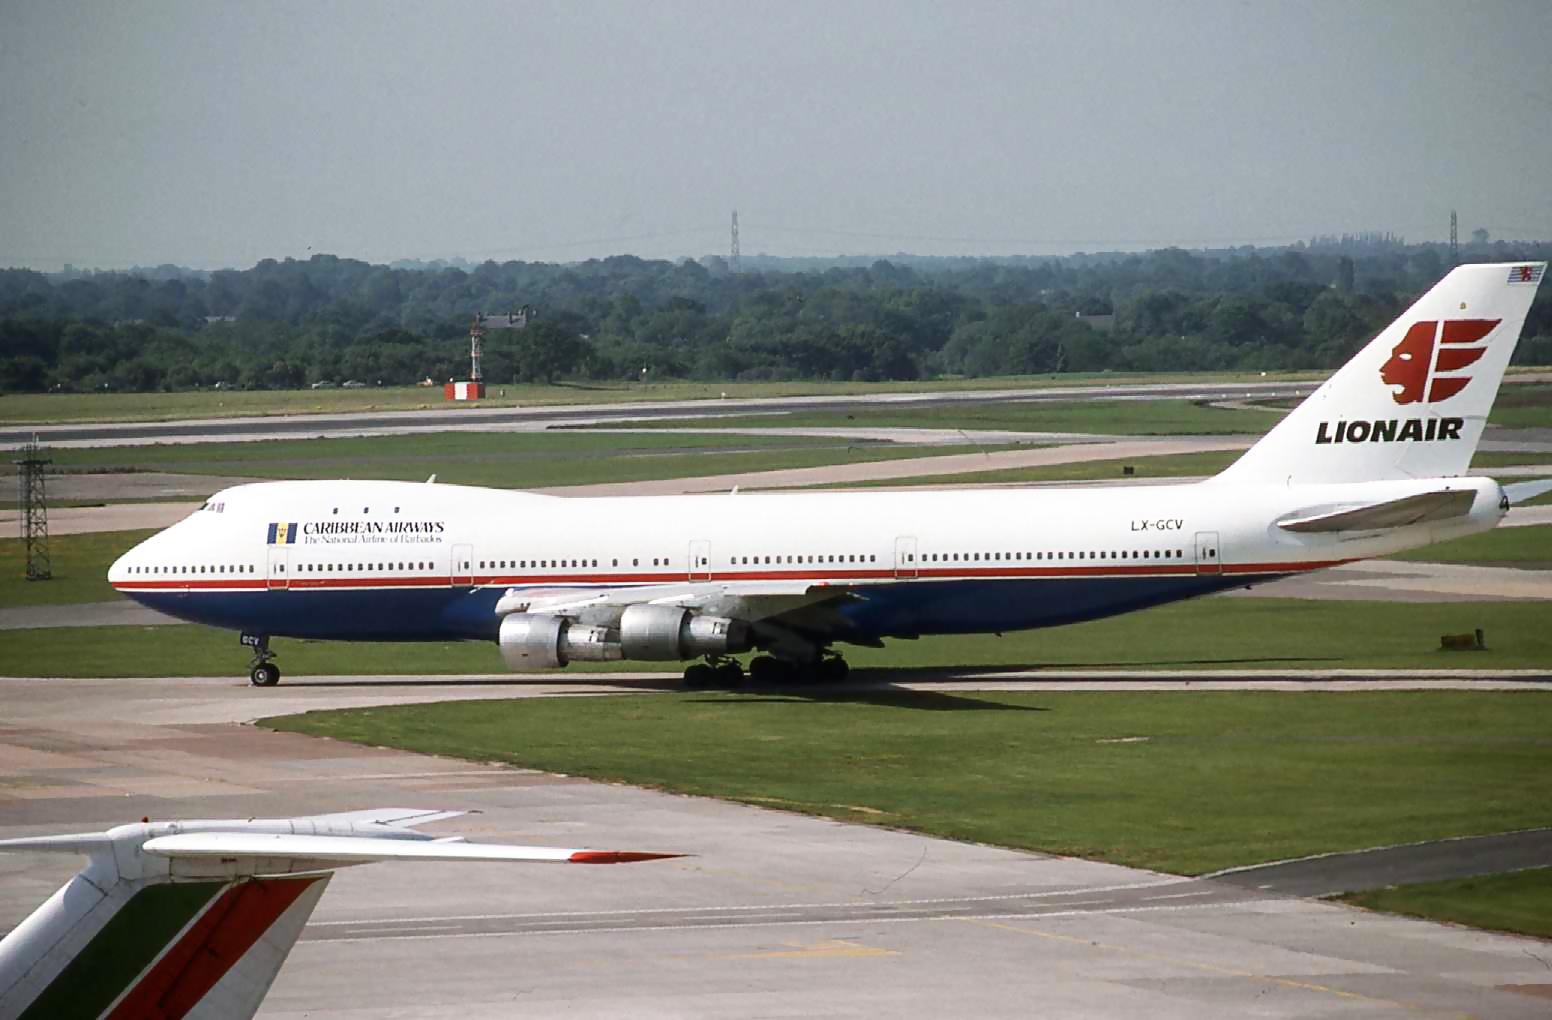 B.747 LX-GCV (June 1989).jpg